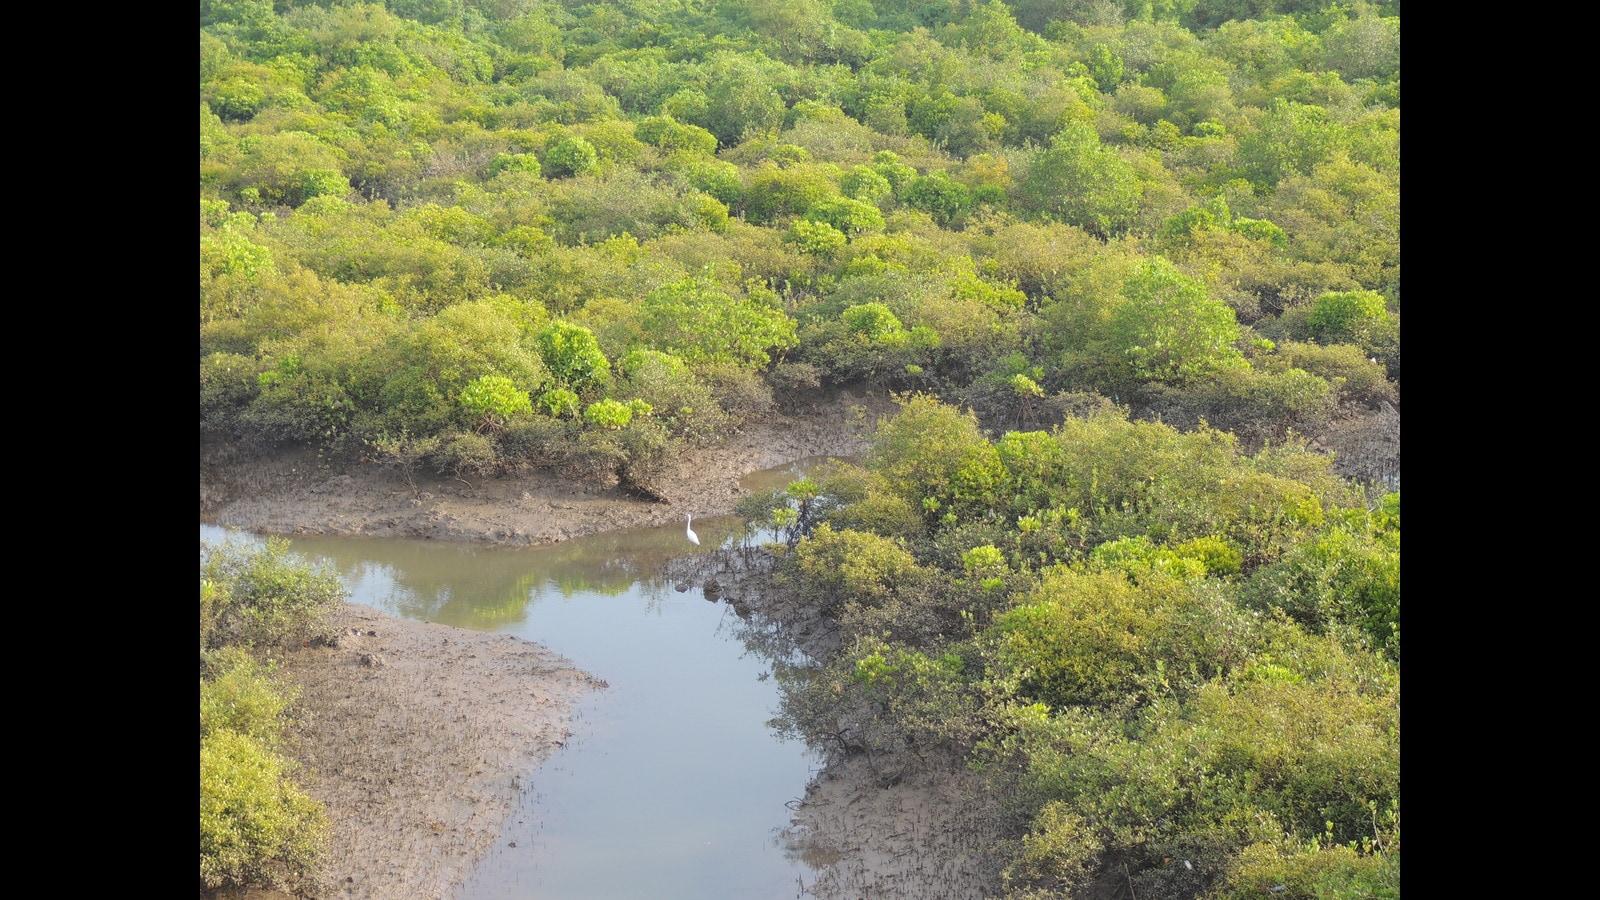 Plastic dominates marine debris in city mangroves: Study